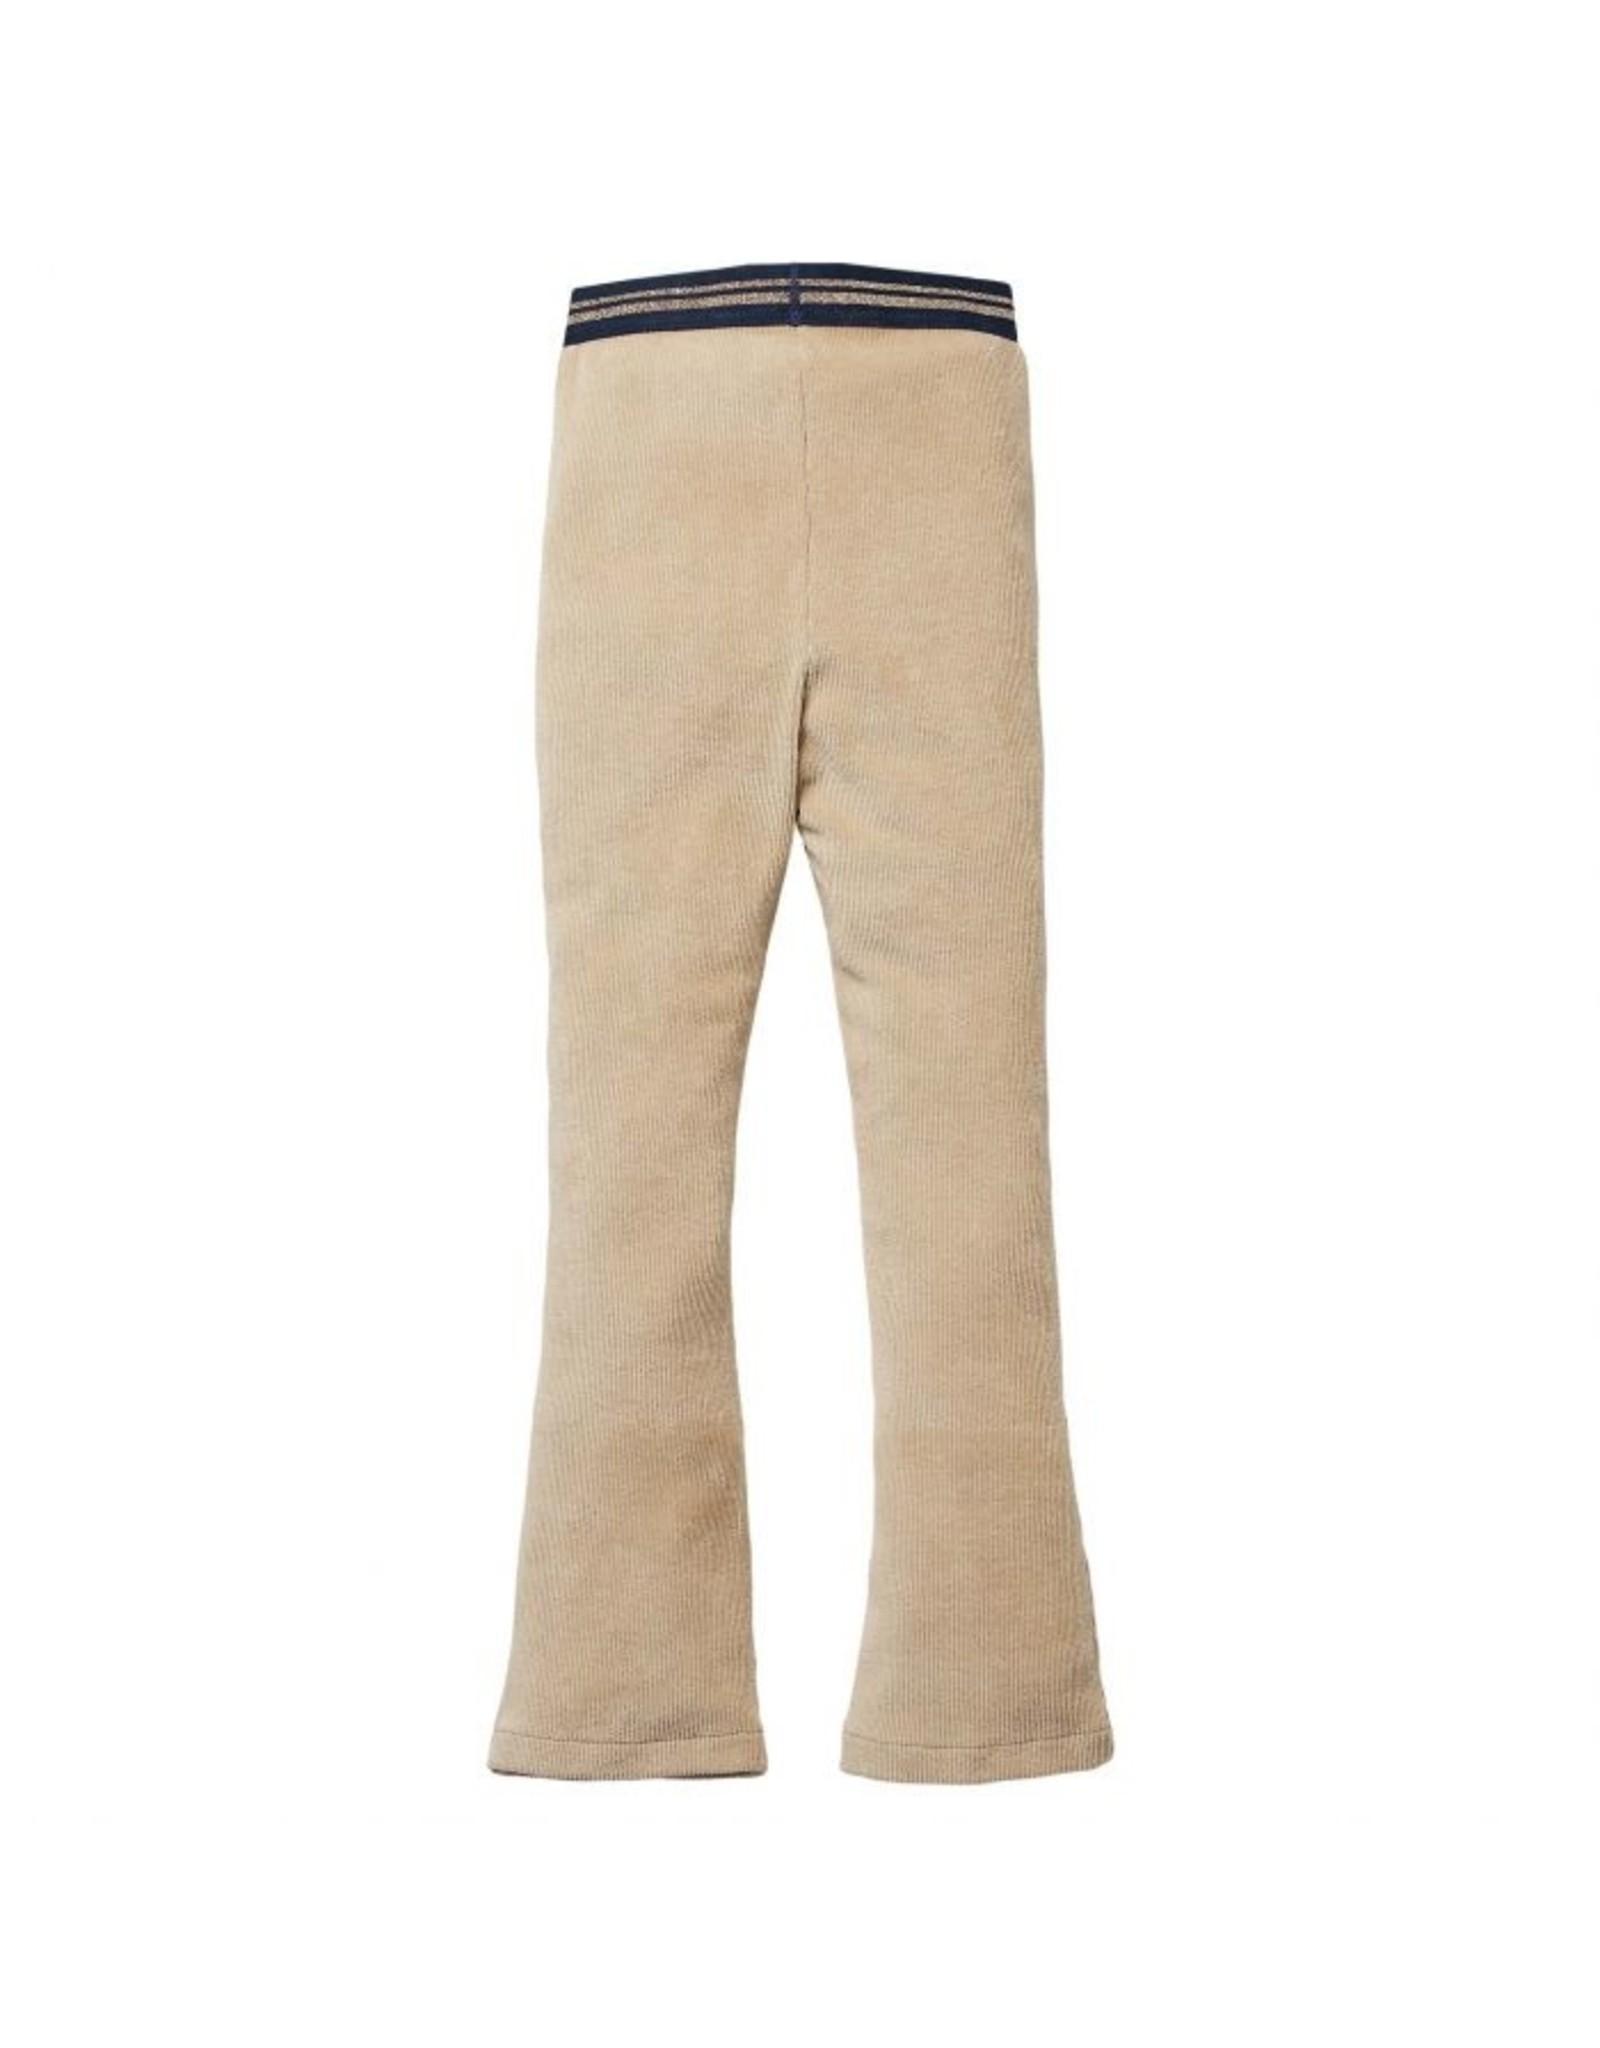 Quapi Koko Pants